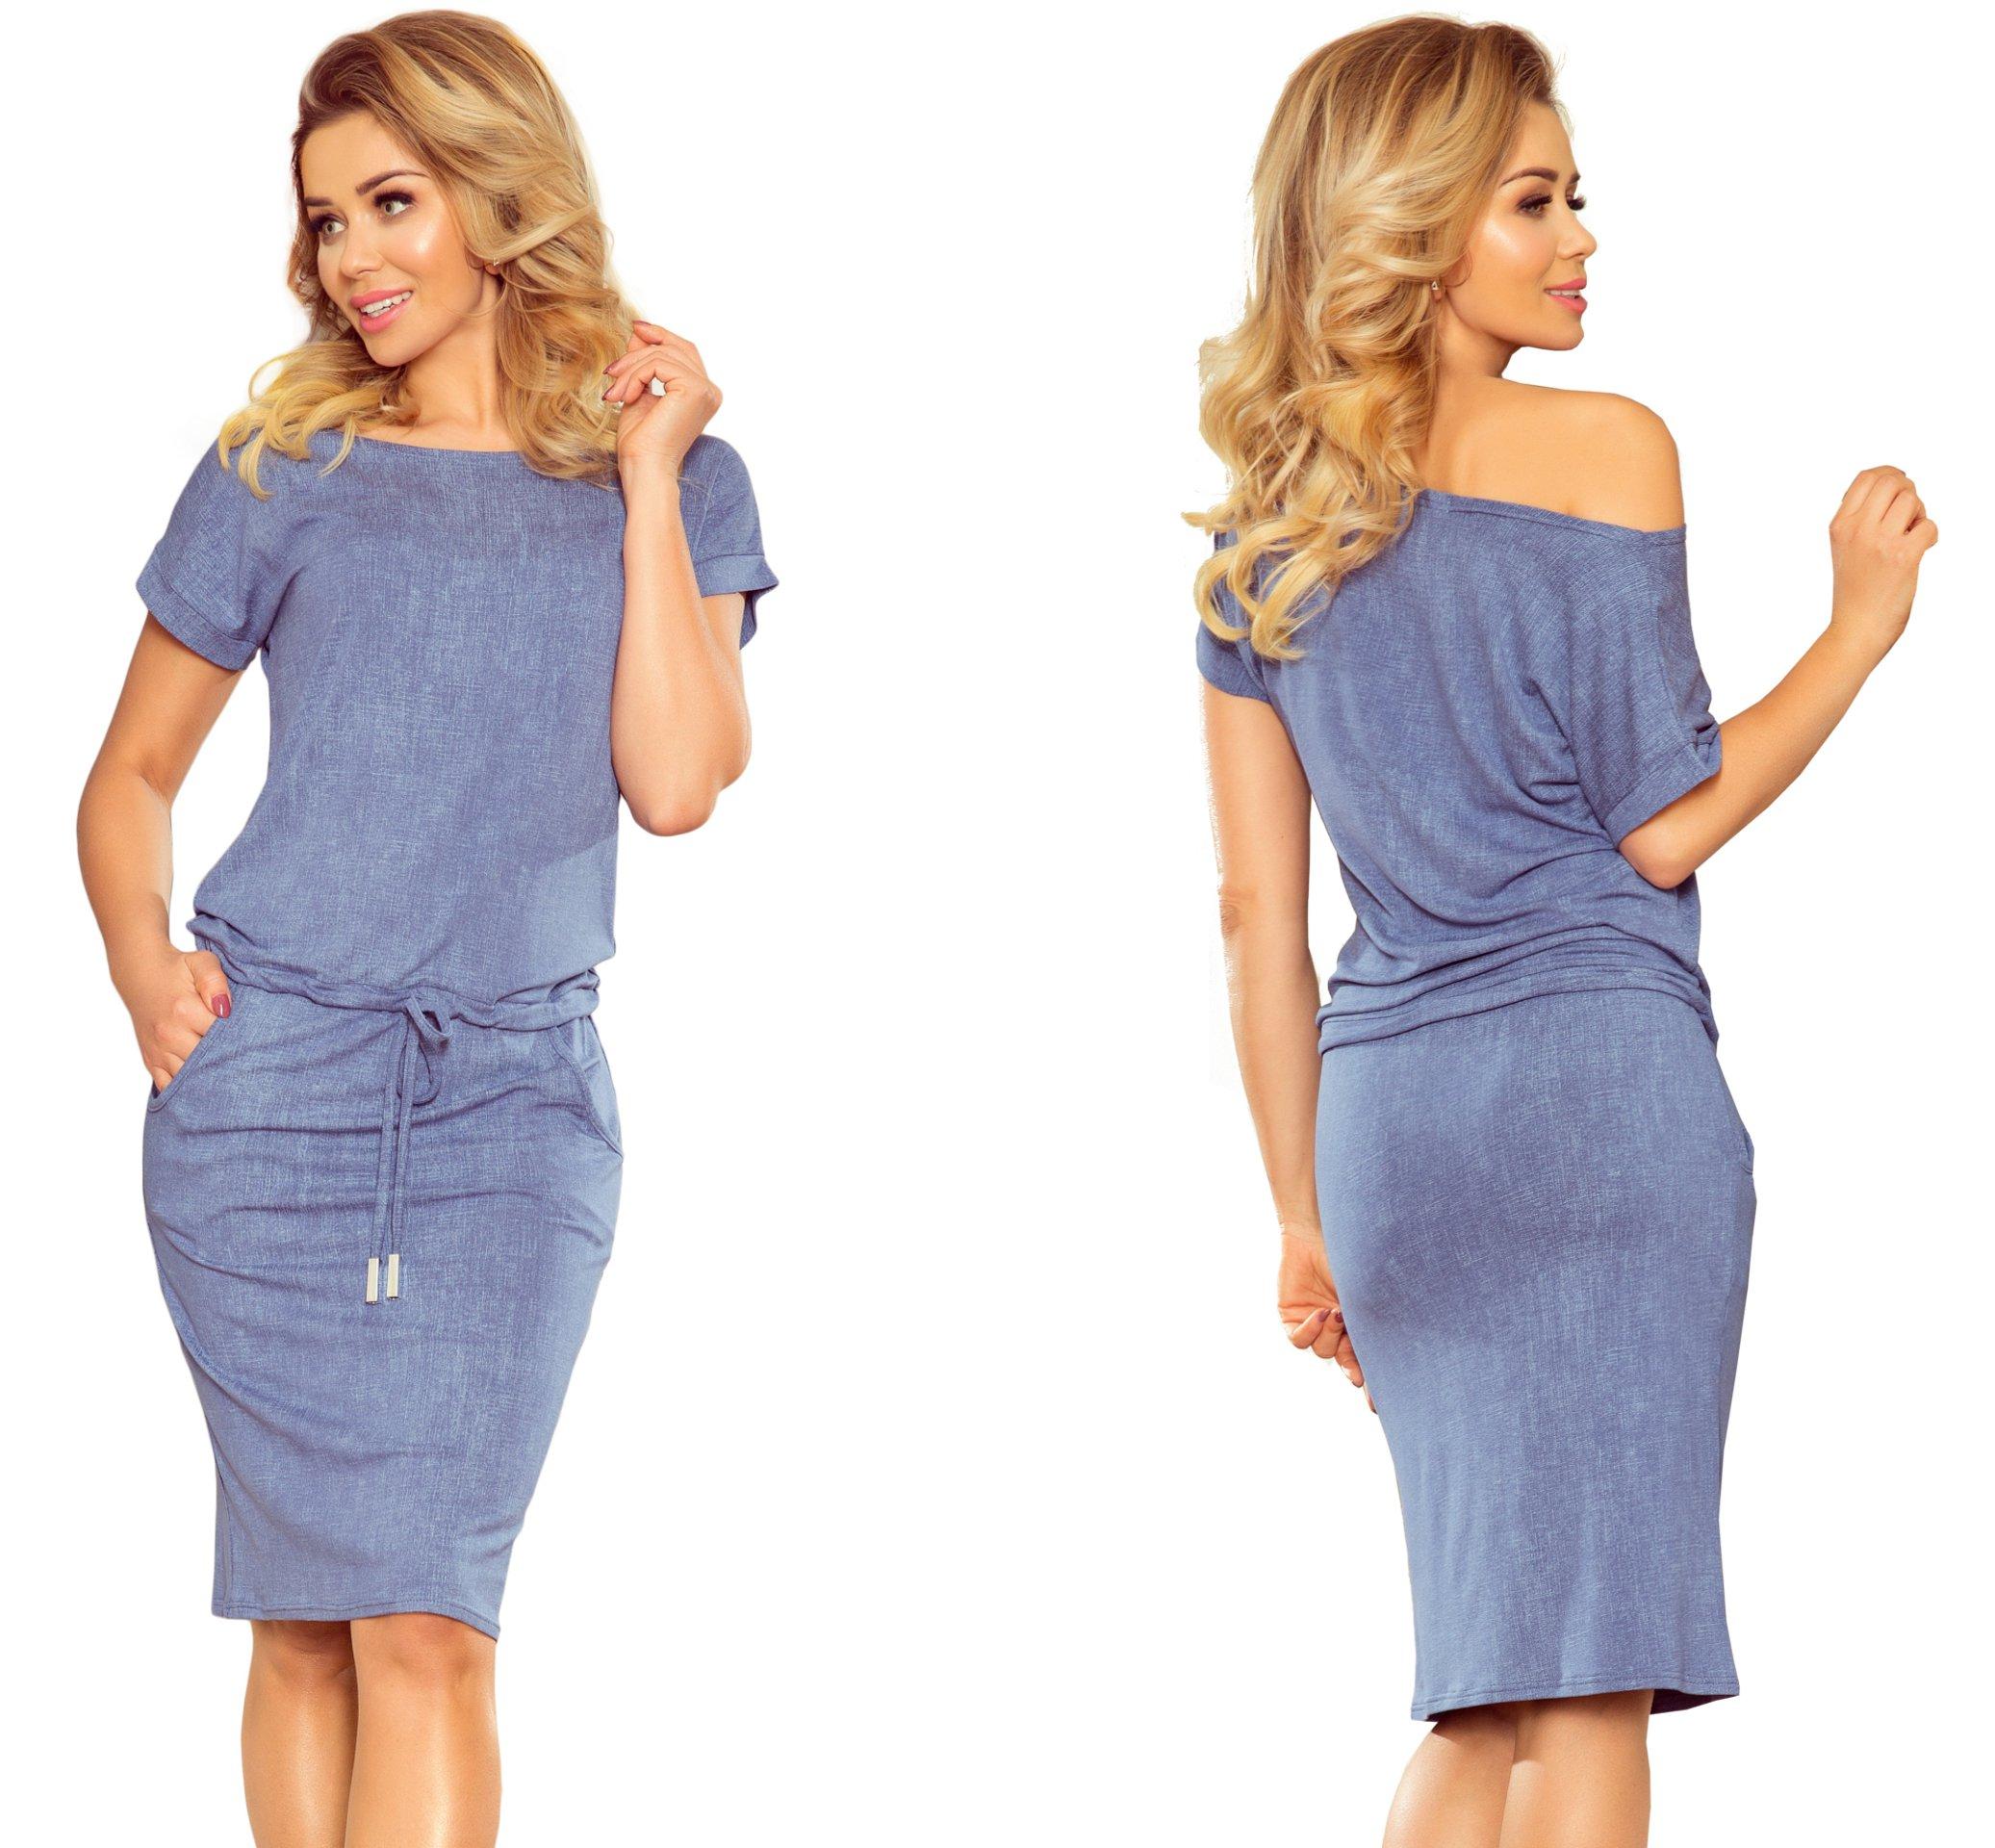 Dresowa Sukienka Krótki Rękaw Na Lato 139-6 S 36